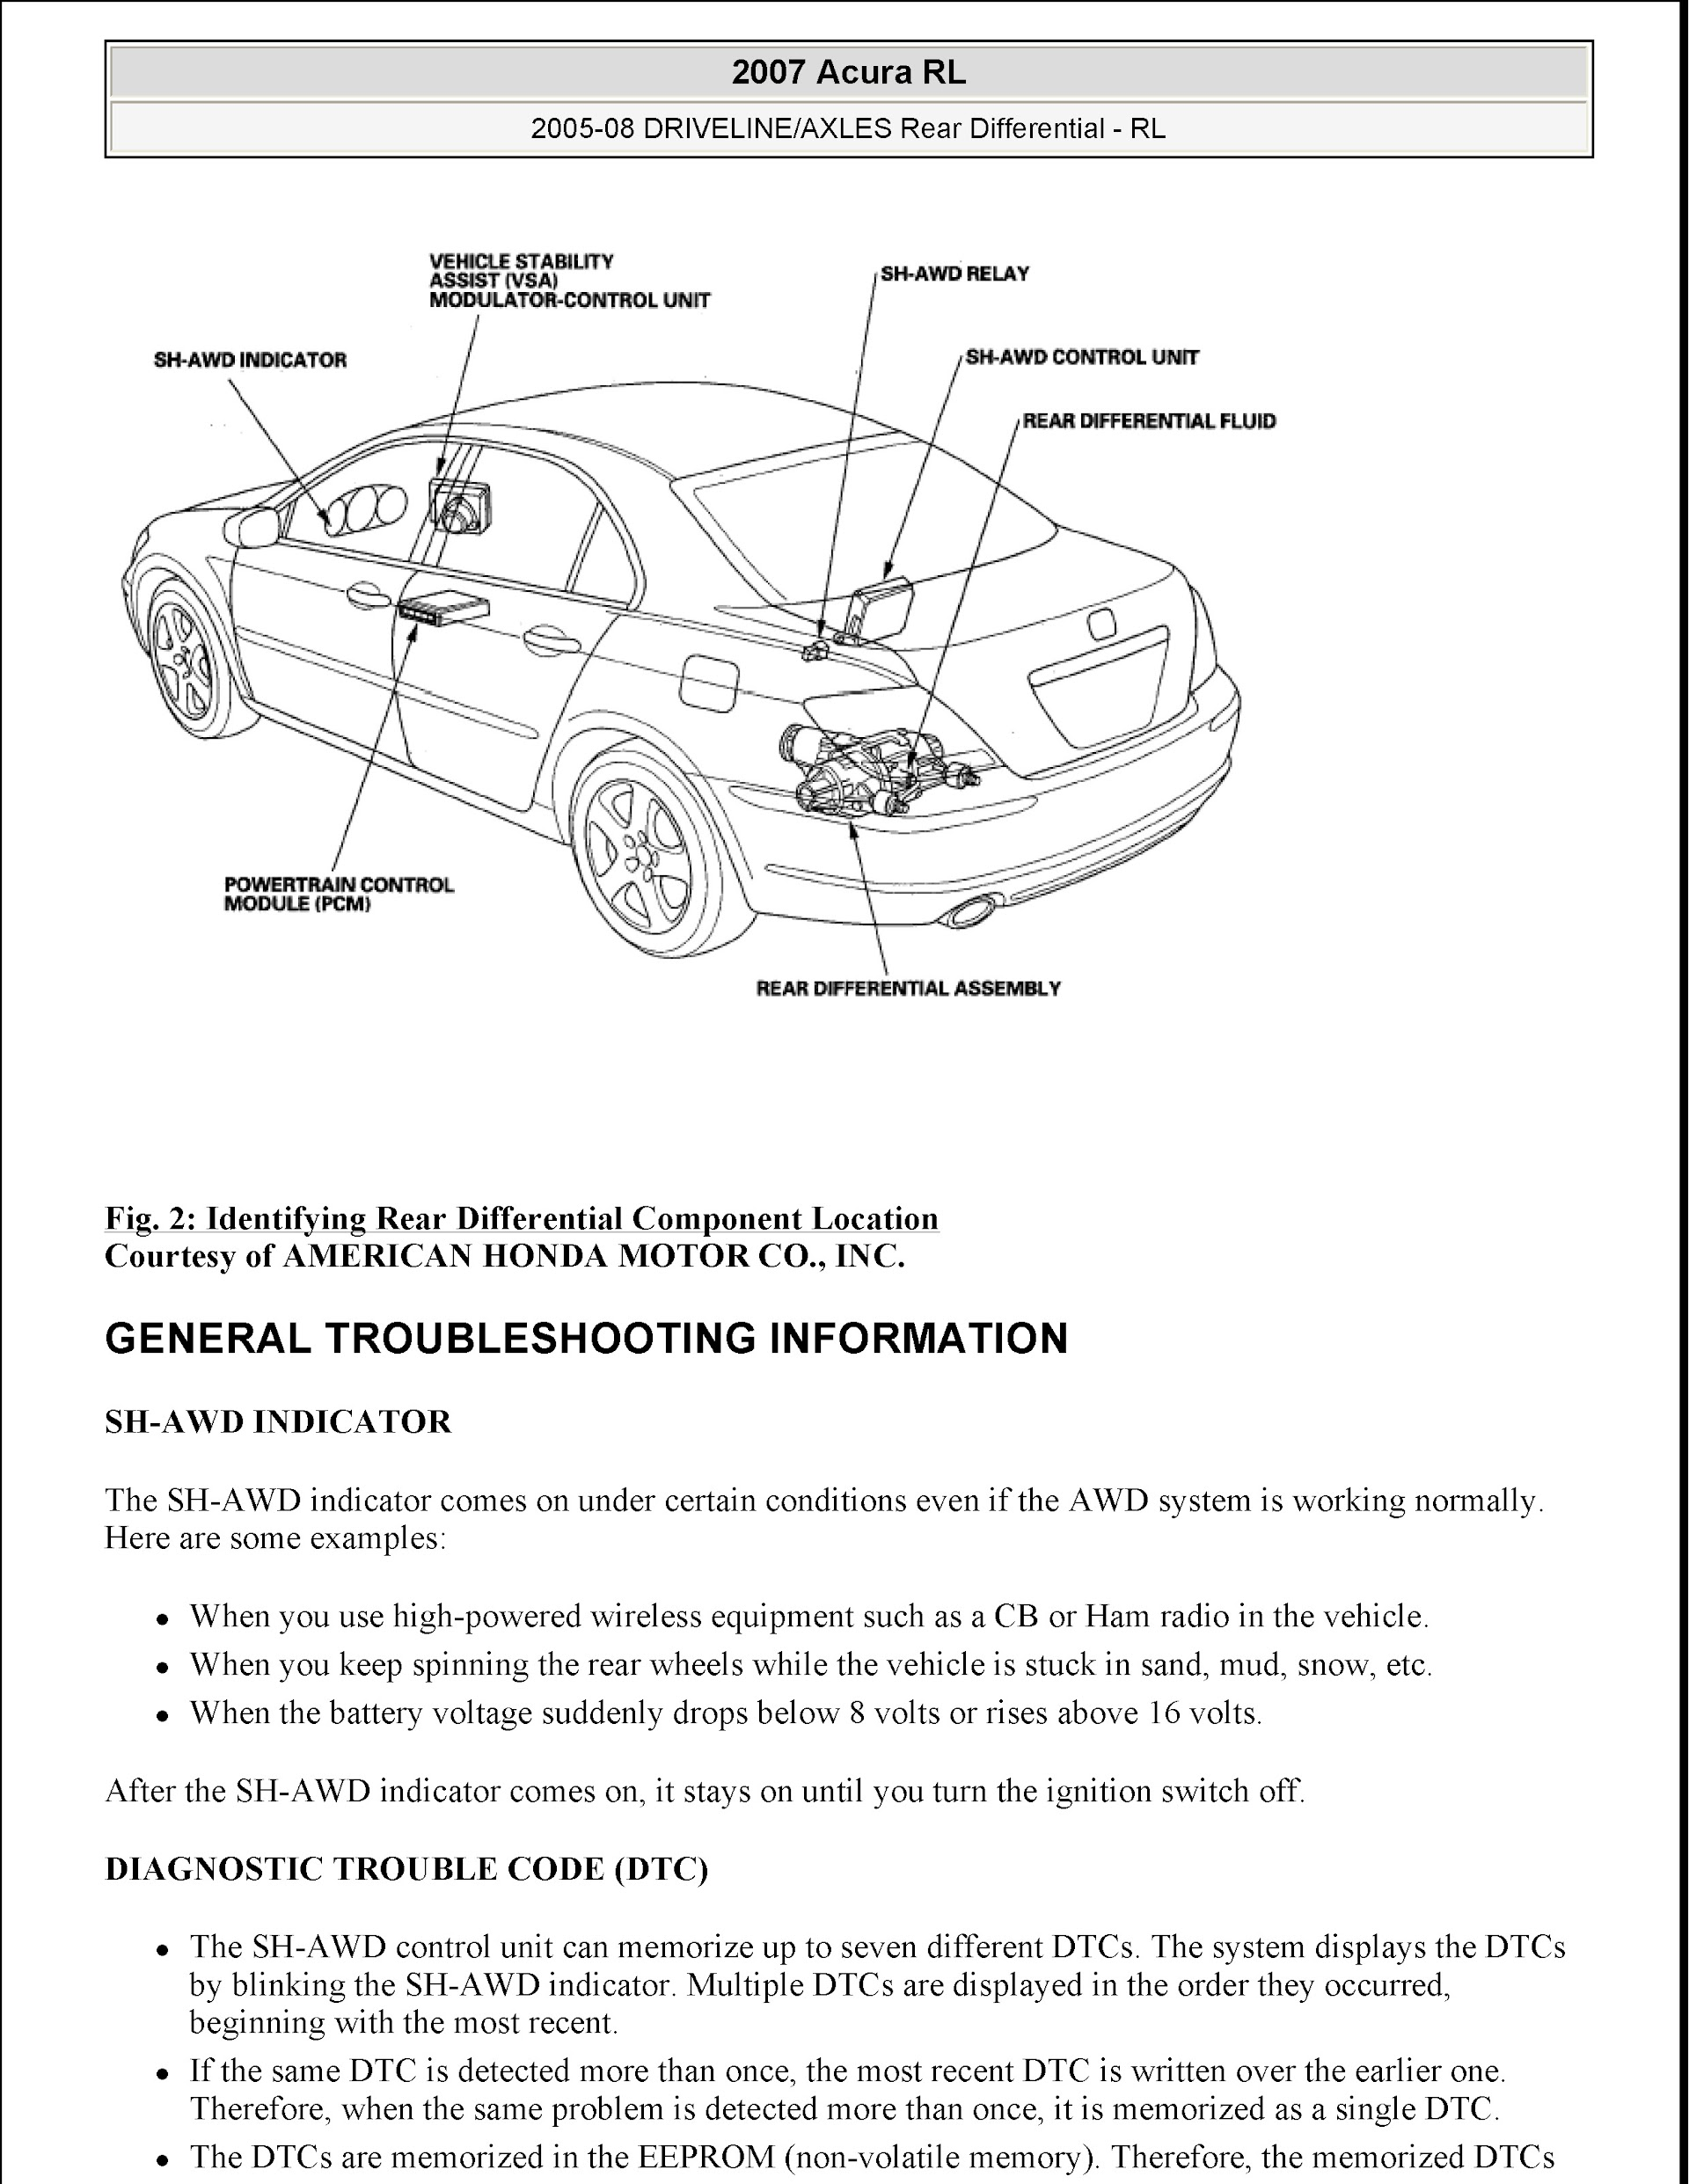 Download 2005-2008 Acura RL Service Repair Manual